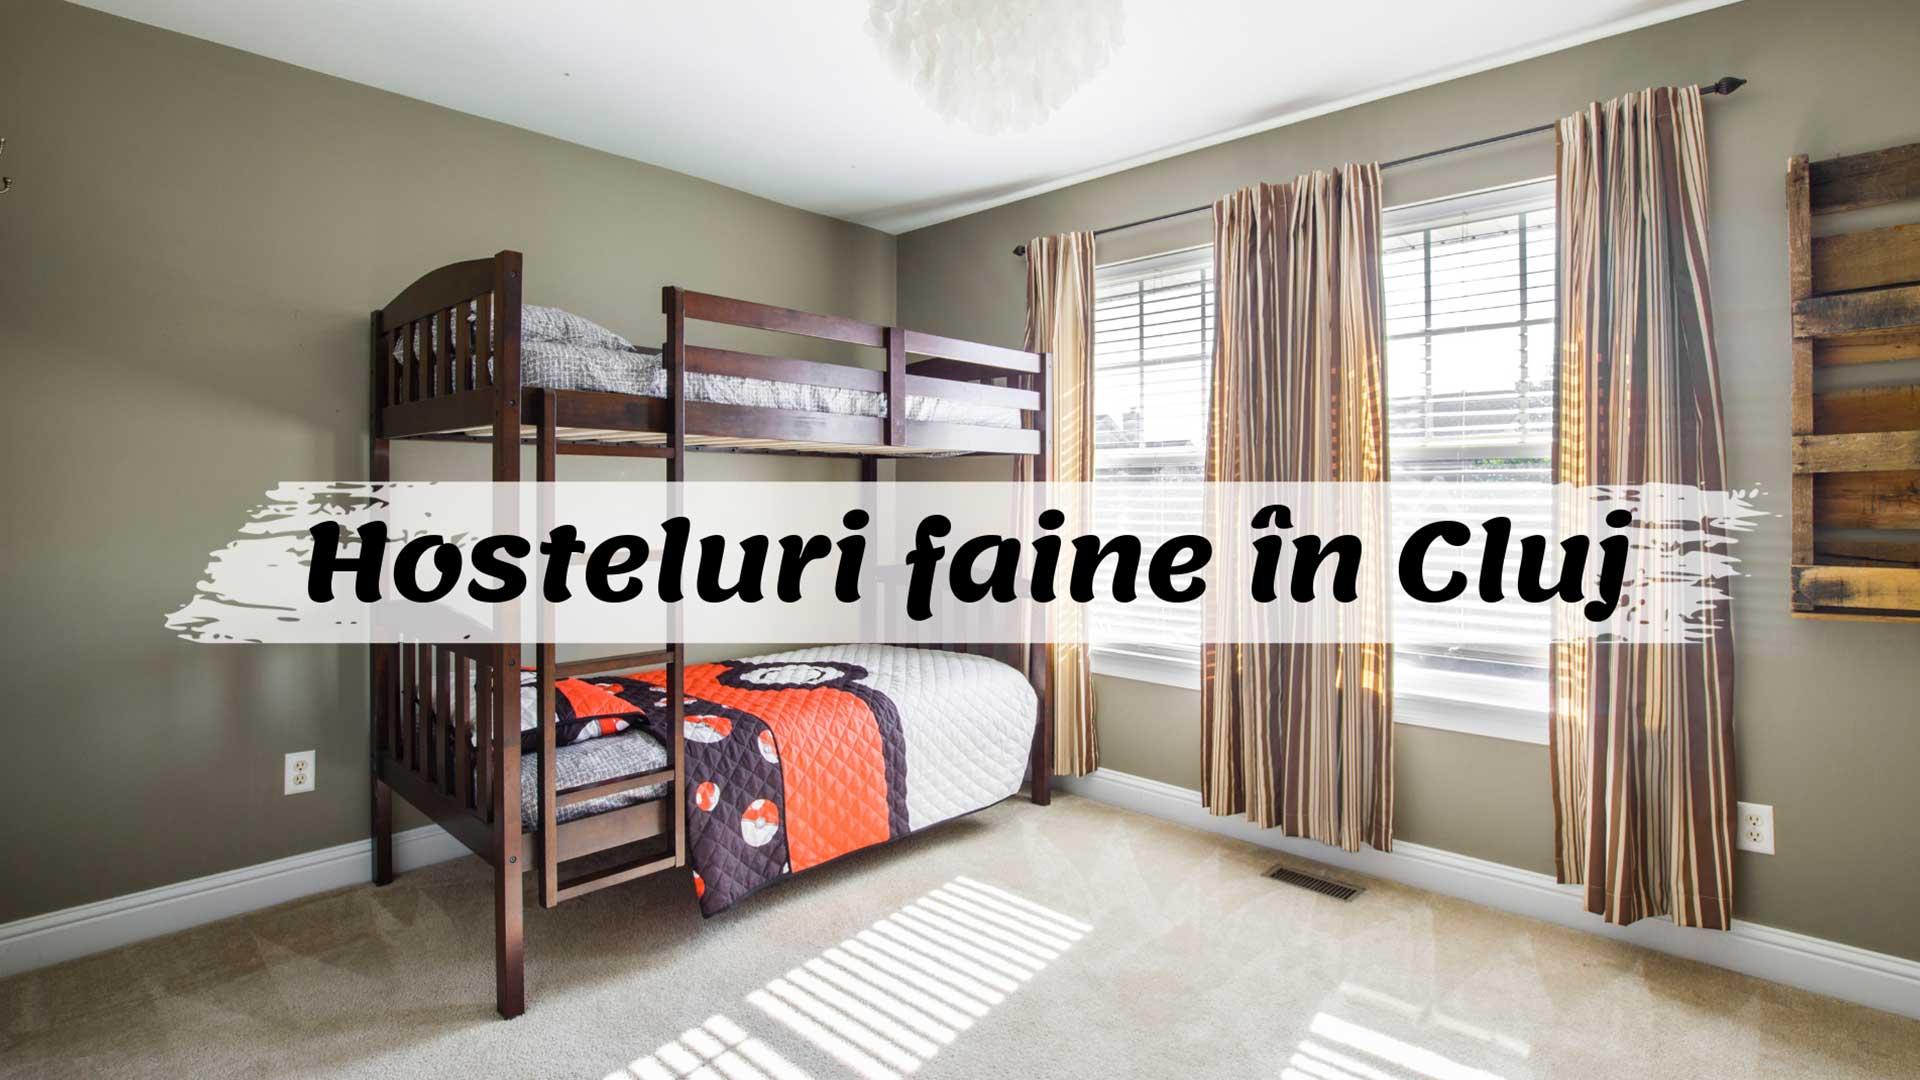 5 dintre cele mai faine hosteluri din Cluj